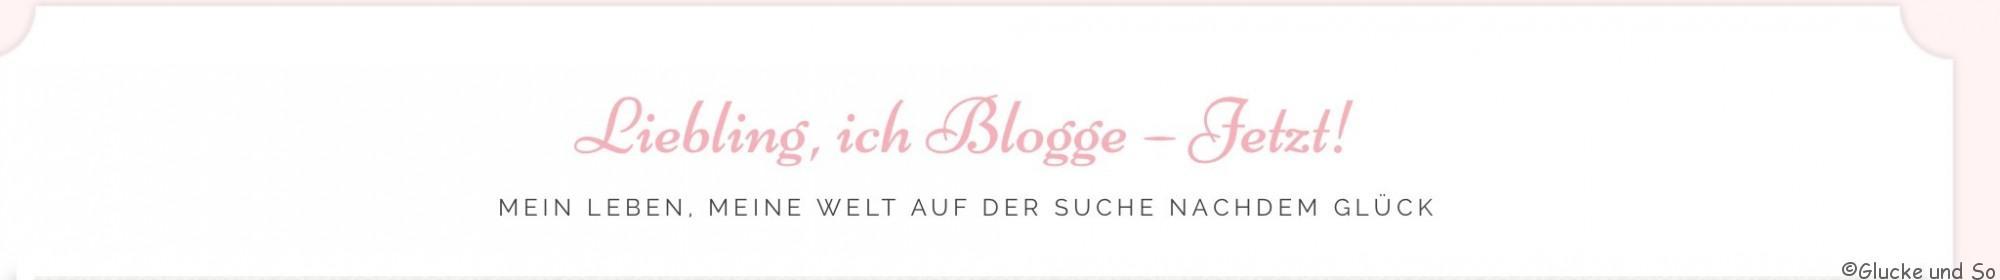 innere Stärke bei Liebling ich blogge